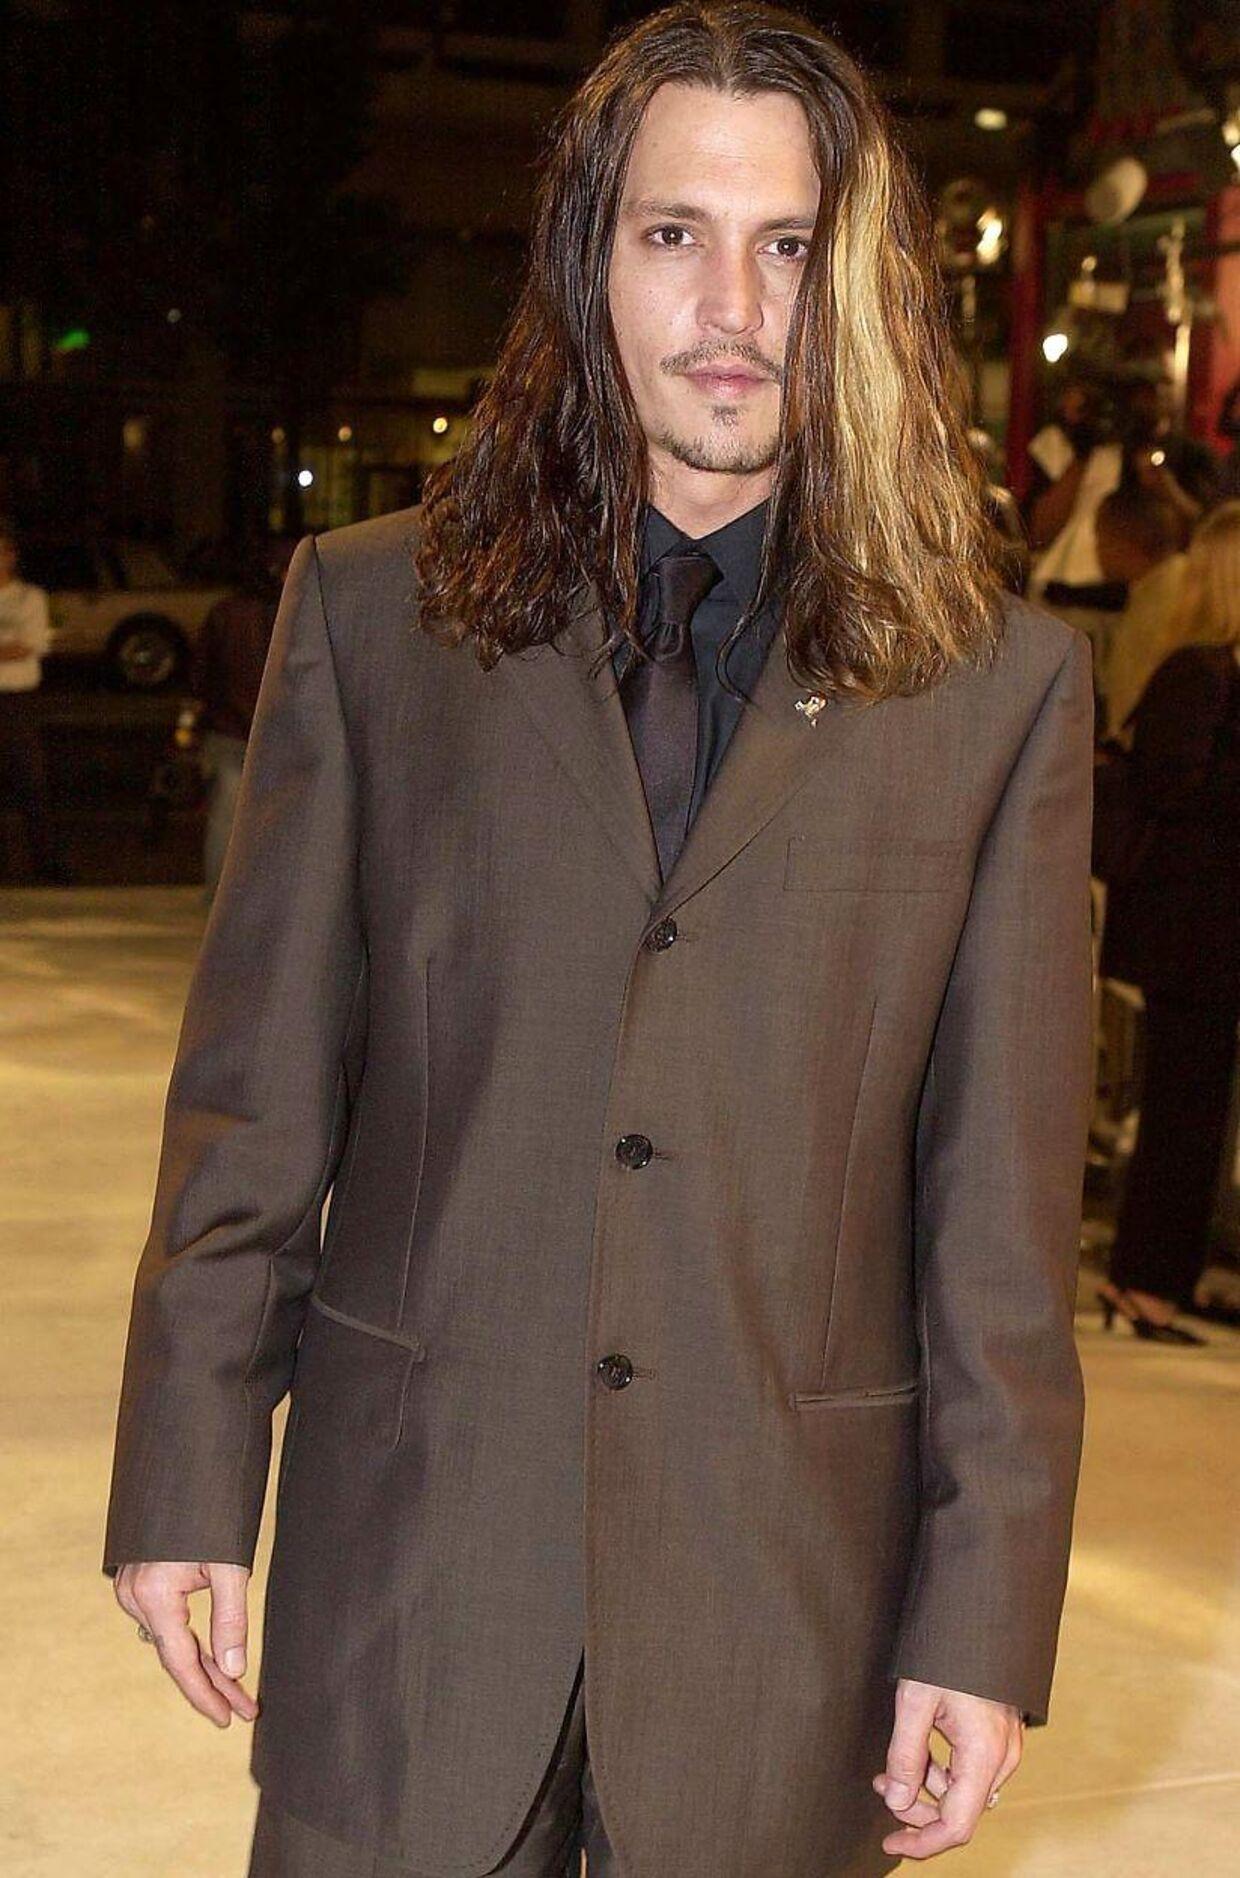 Johnny Depp på den røde løber til premieren på filmen 'Blow'.